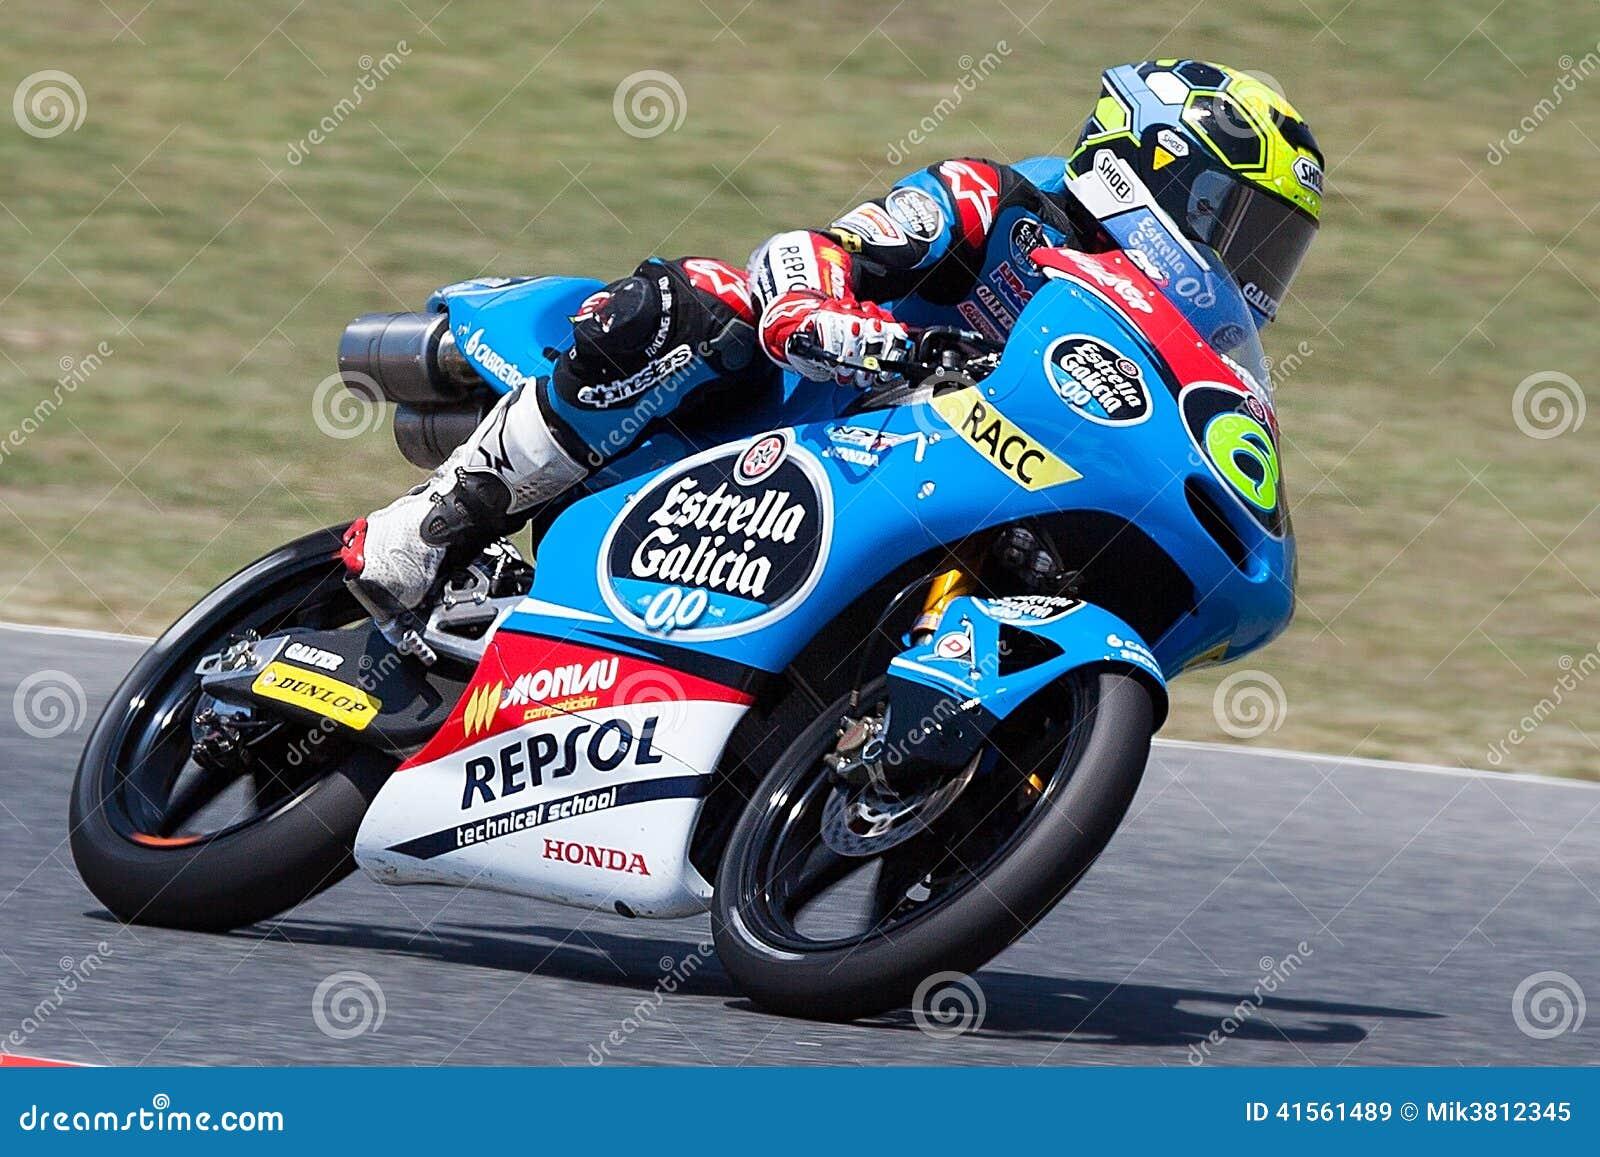 moto gp junior